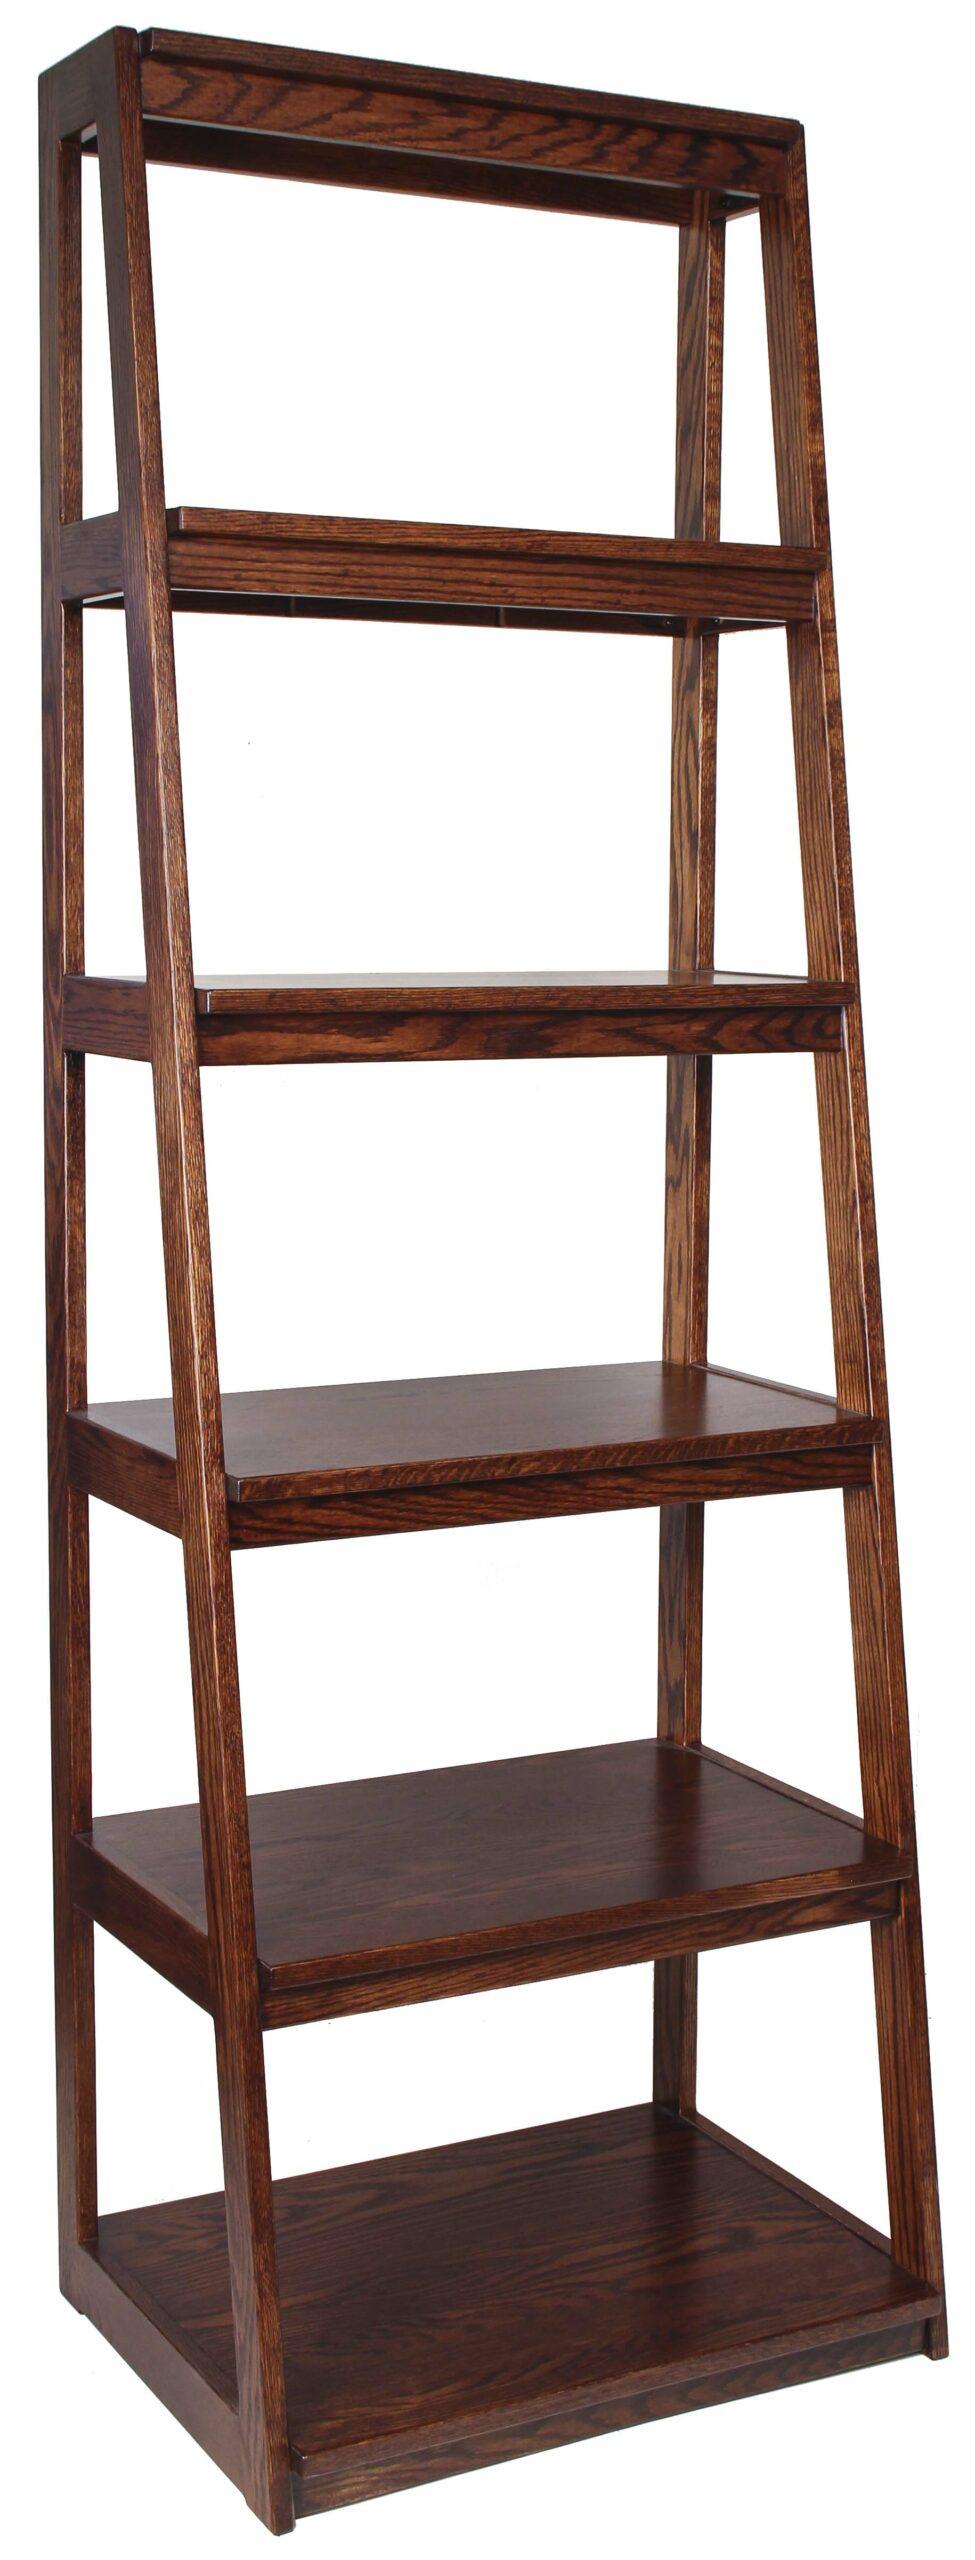 L010340 Laddershelf